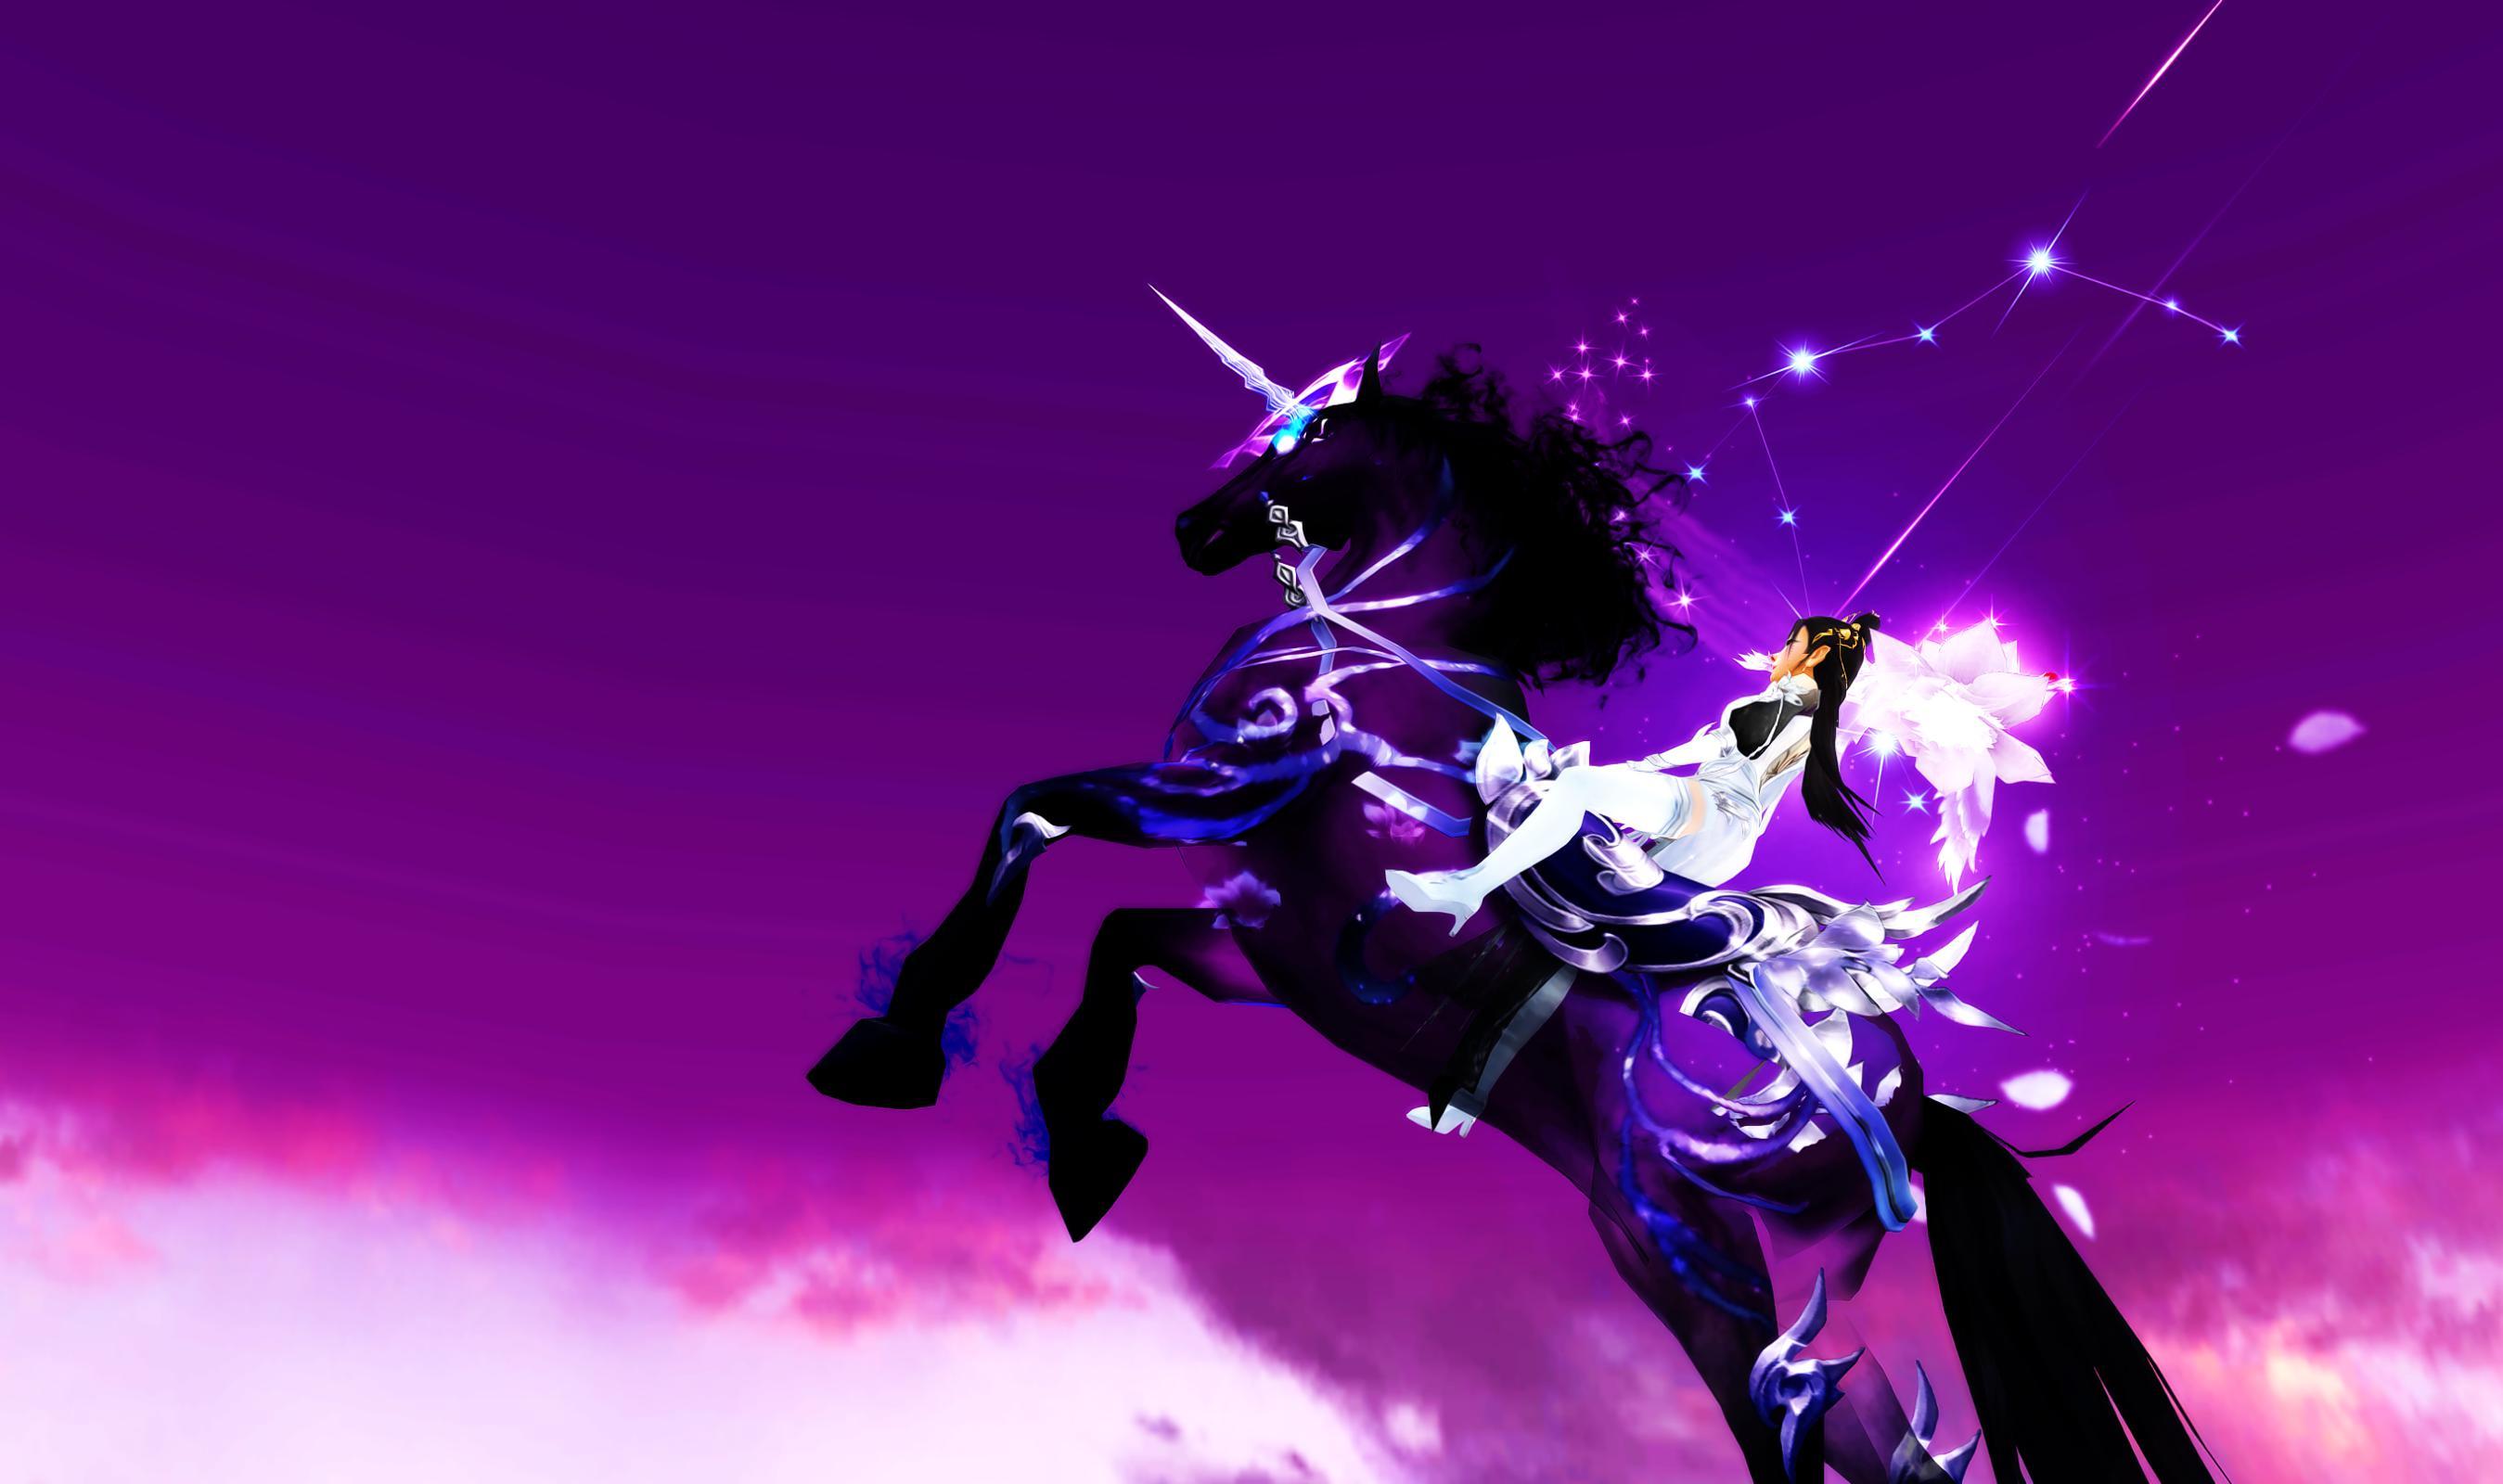 武林新征程,3月16日《新天龙八部》拭剑天下季后赛报名开启  第3张